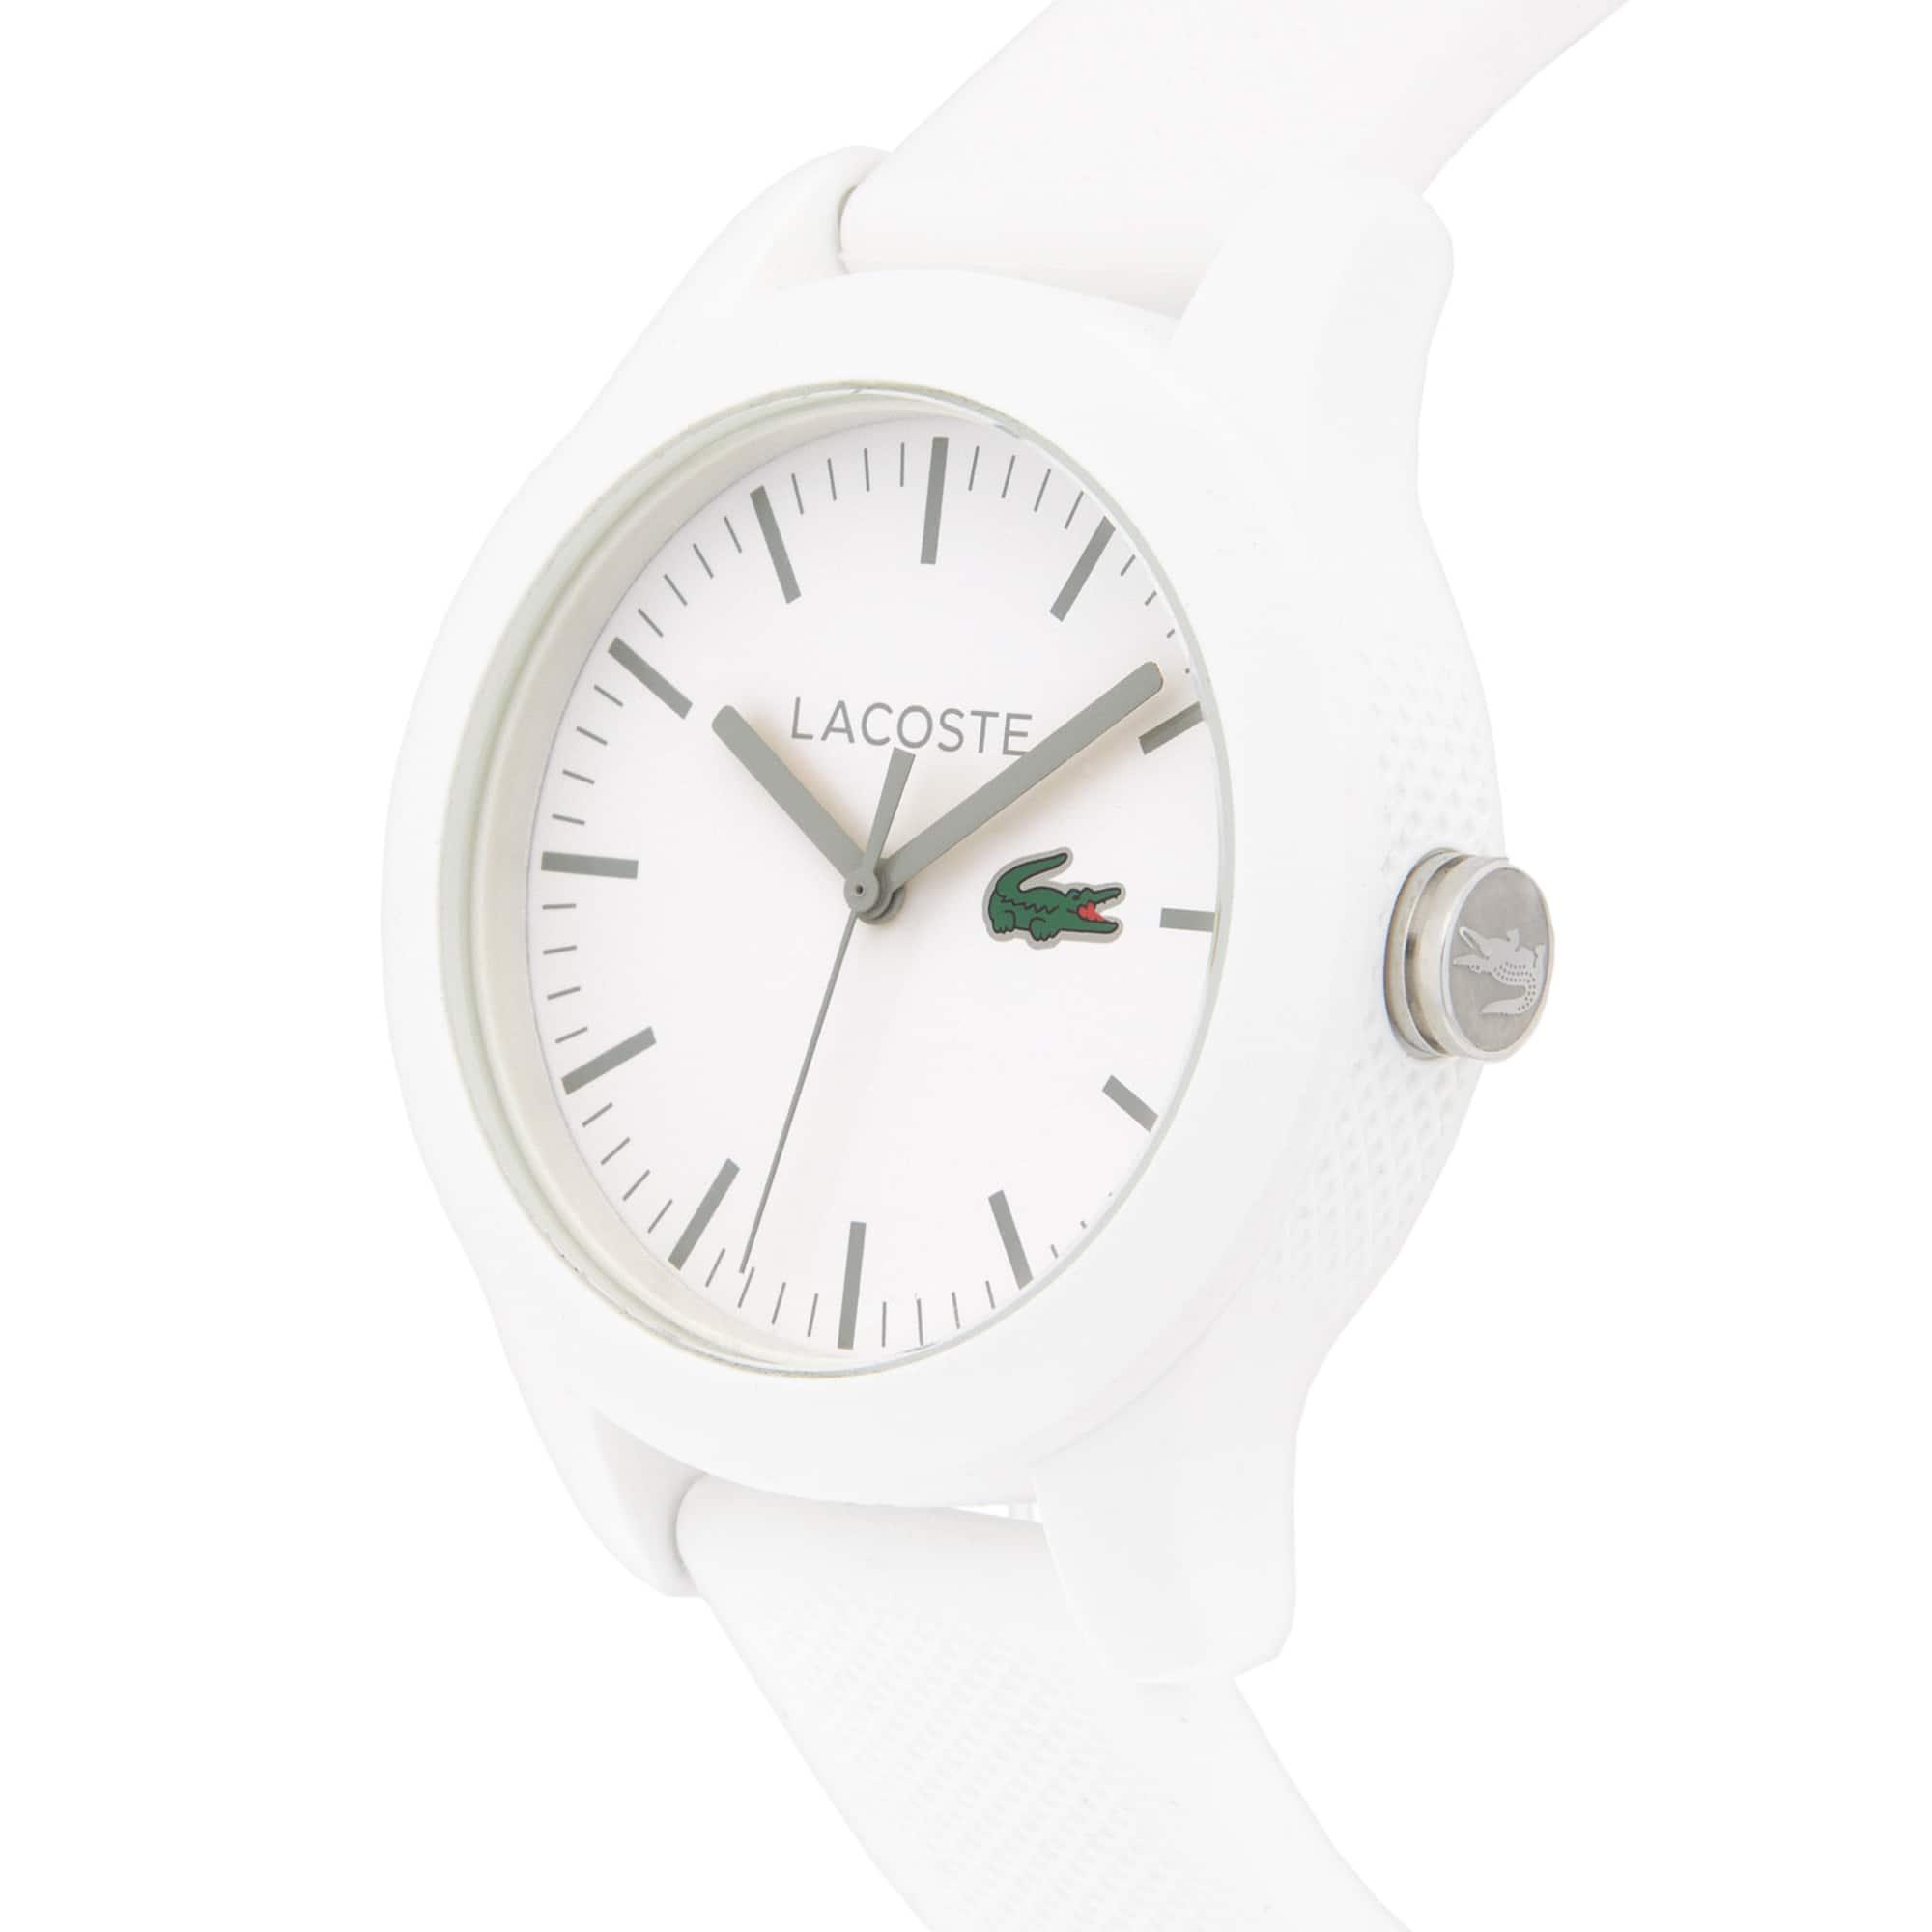 Relógio Lacoste 12.12 de homem com bracelete de silicone branca